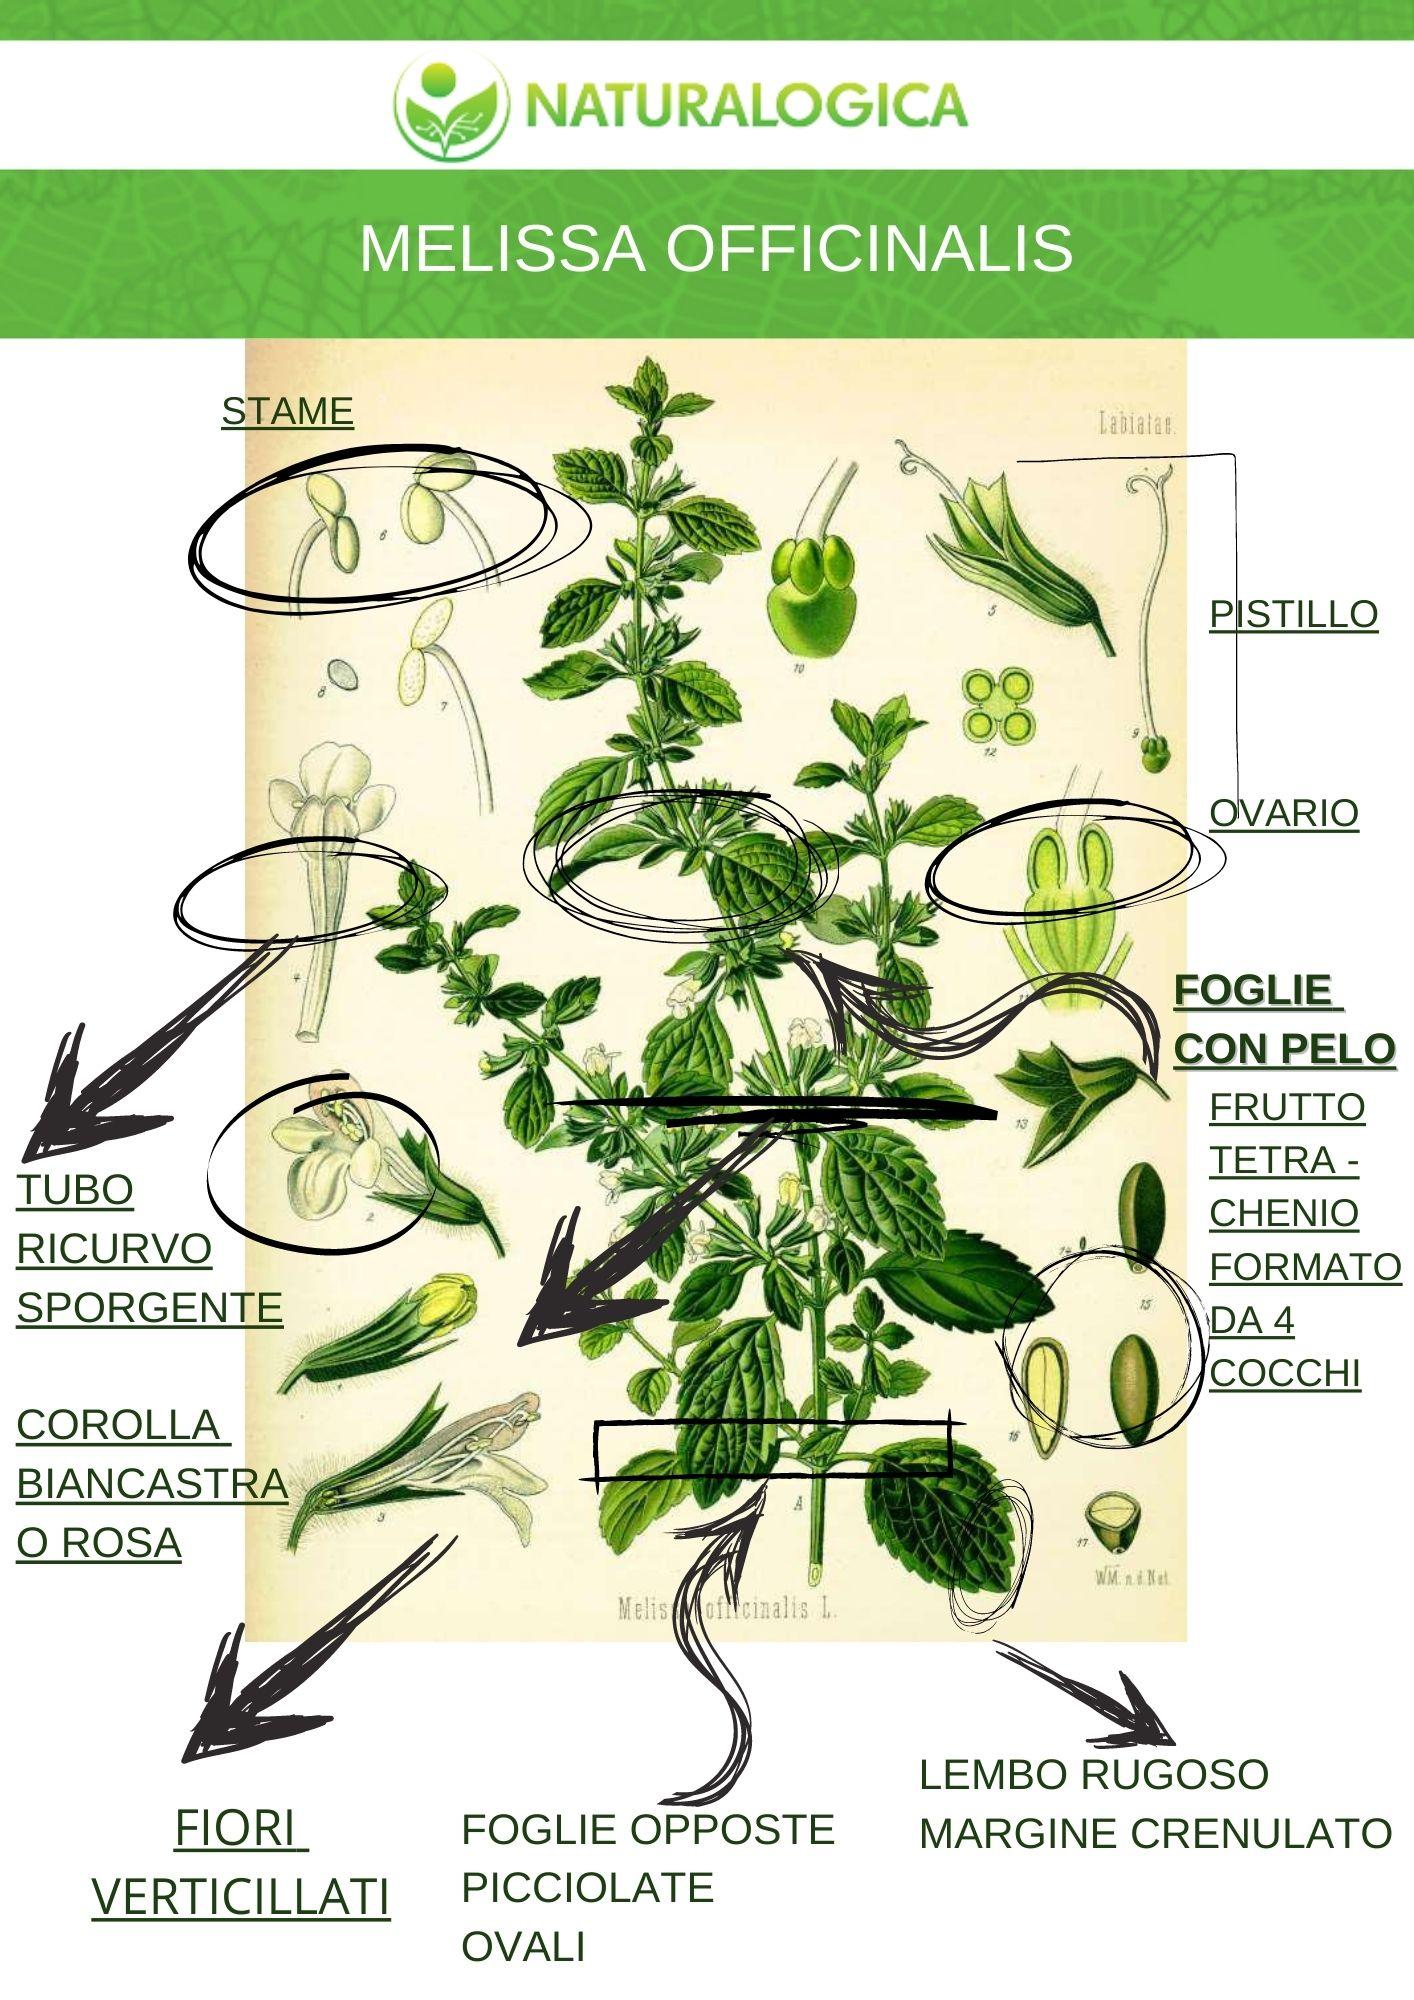 Melissa officinalis scheda botanica